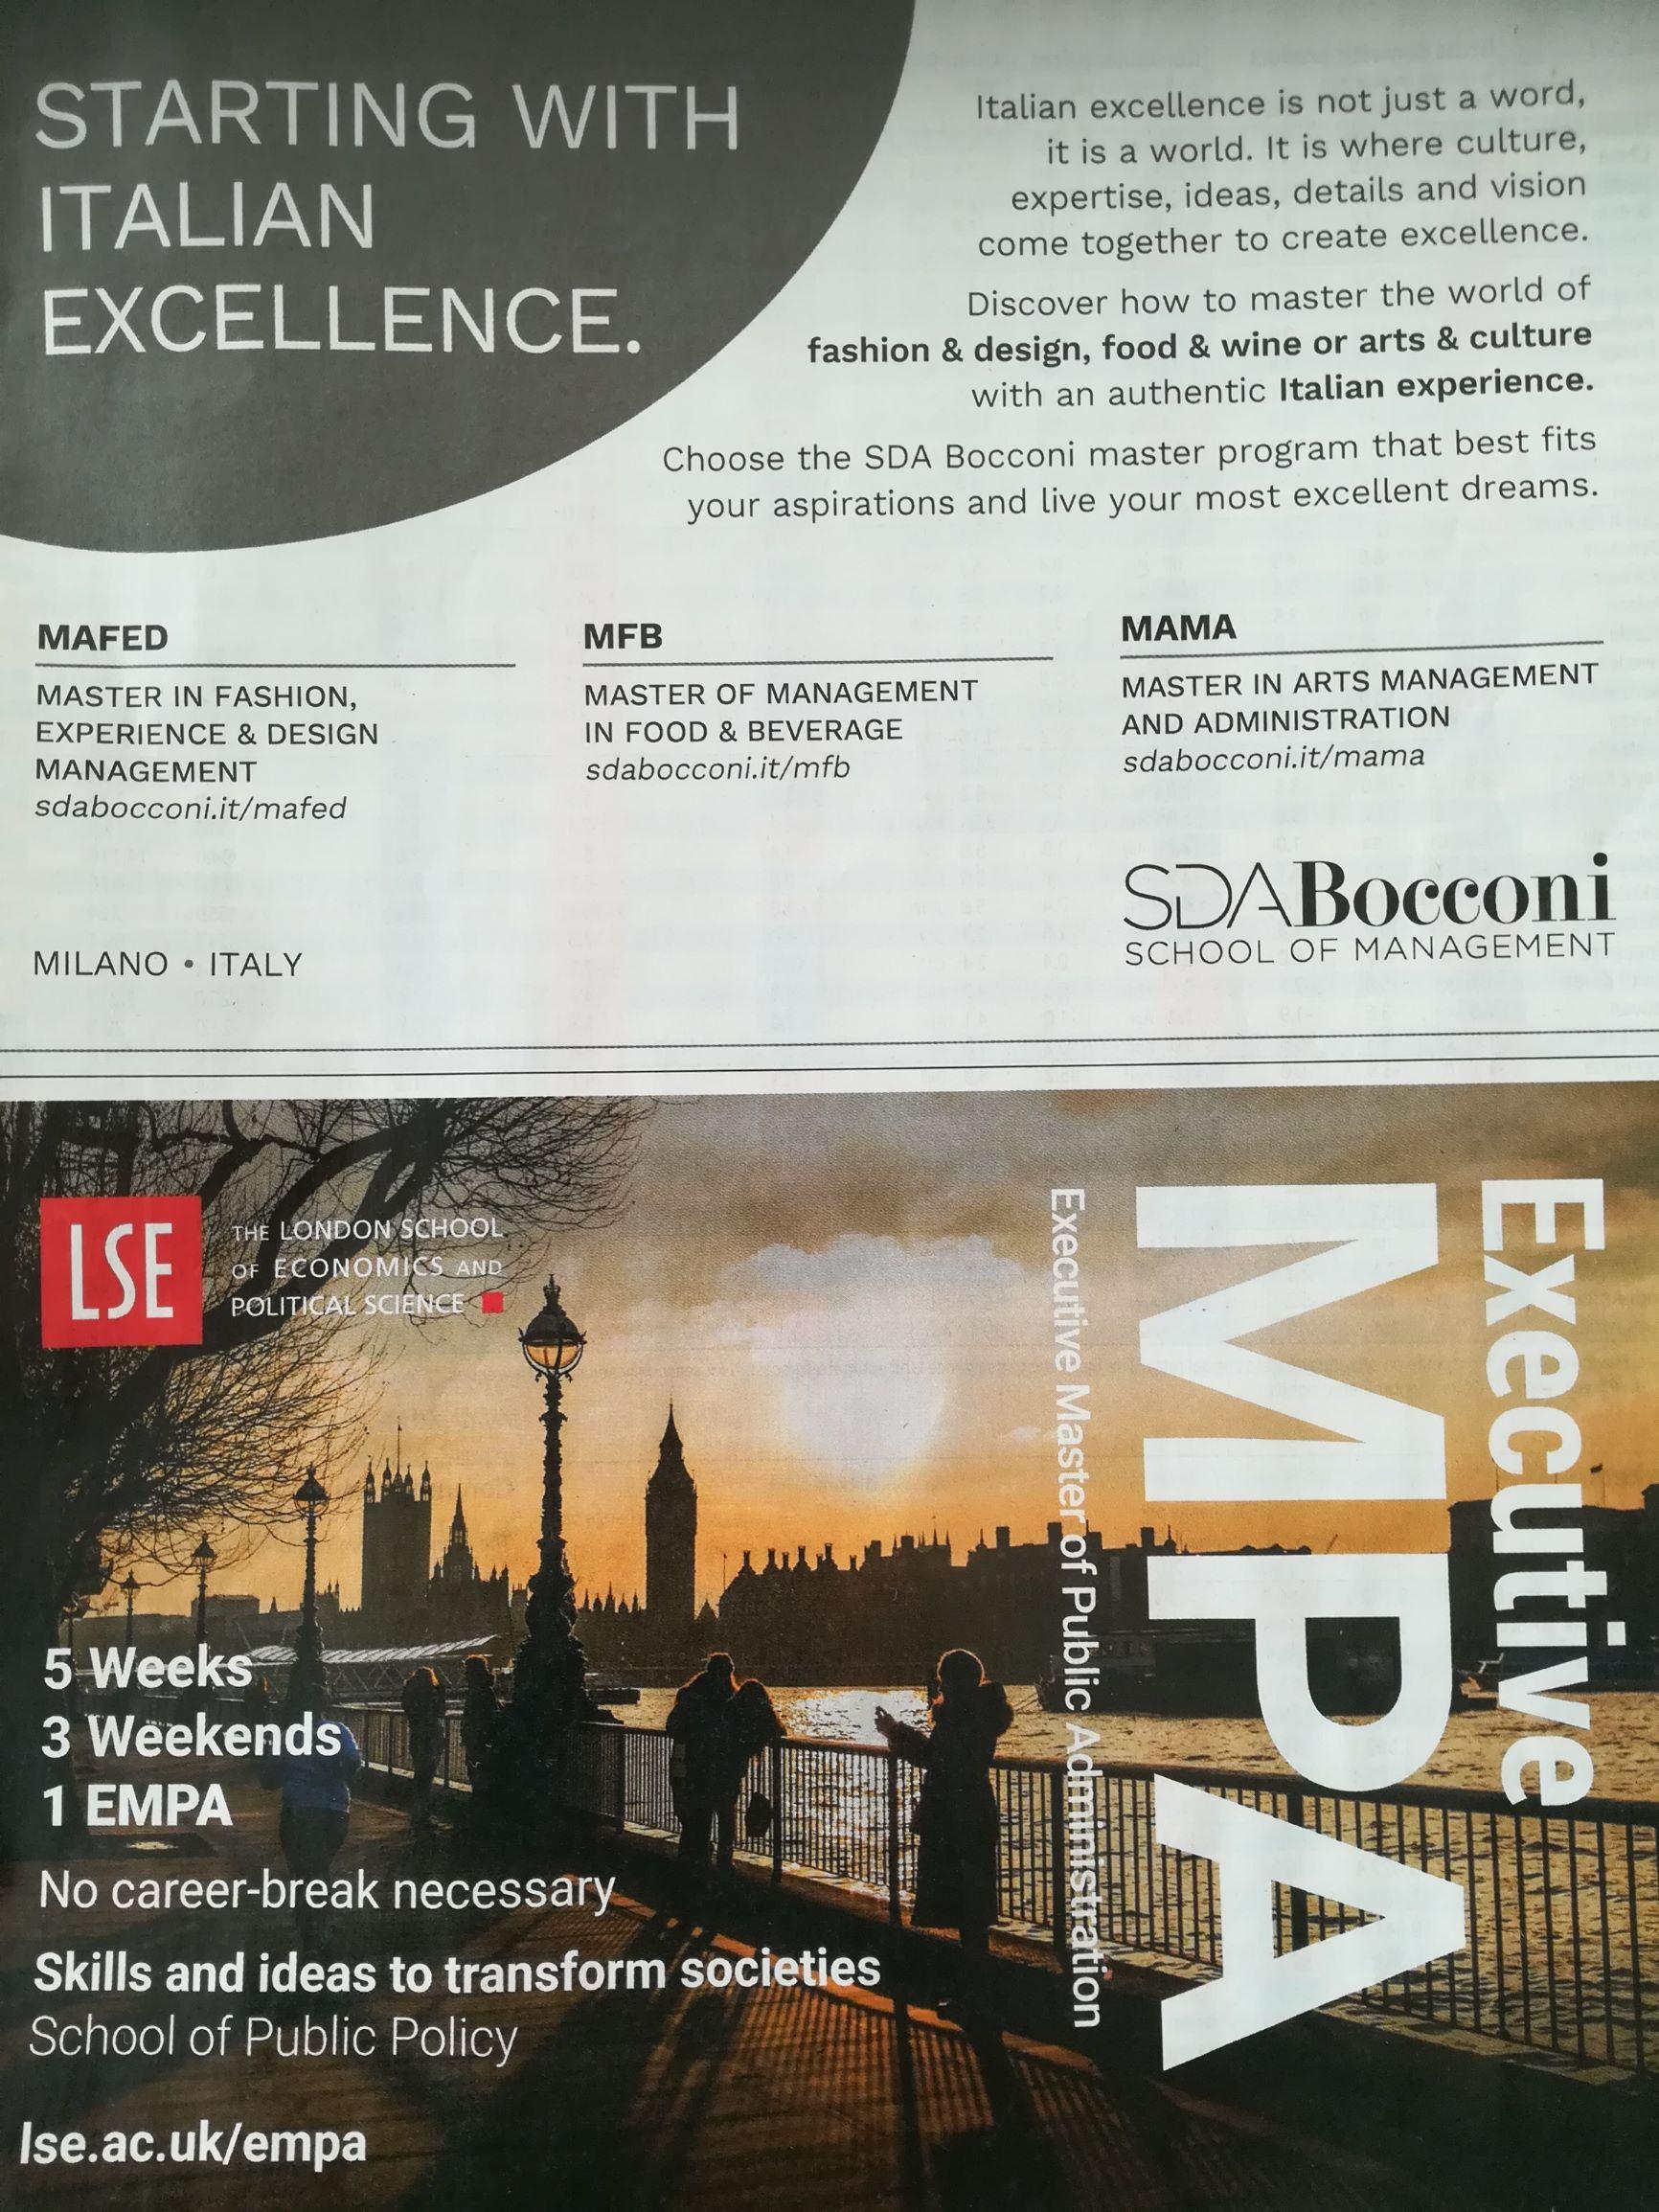 Due pubblicità su una pagina che mostrano differenze e sfide: gli italiani e gli altri